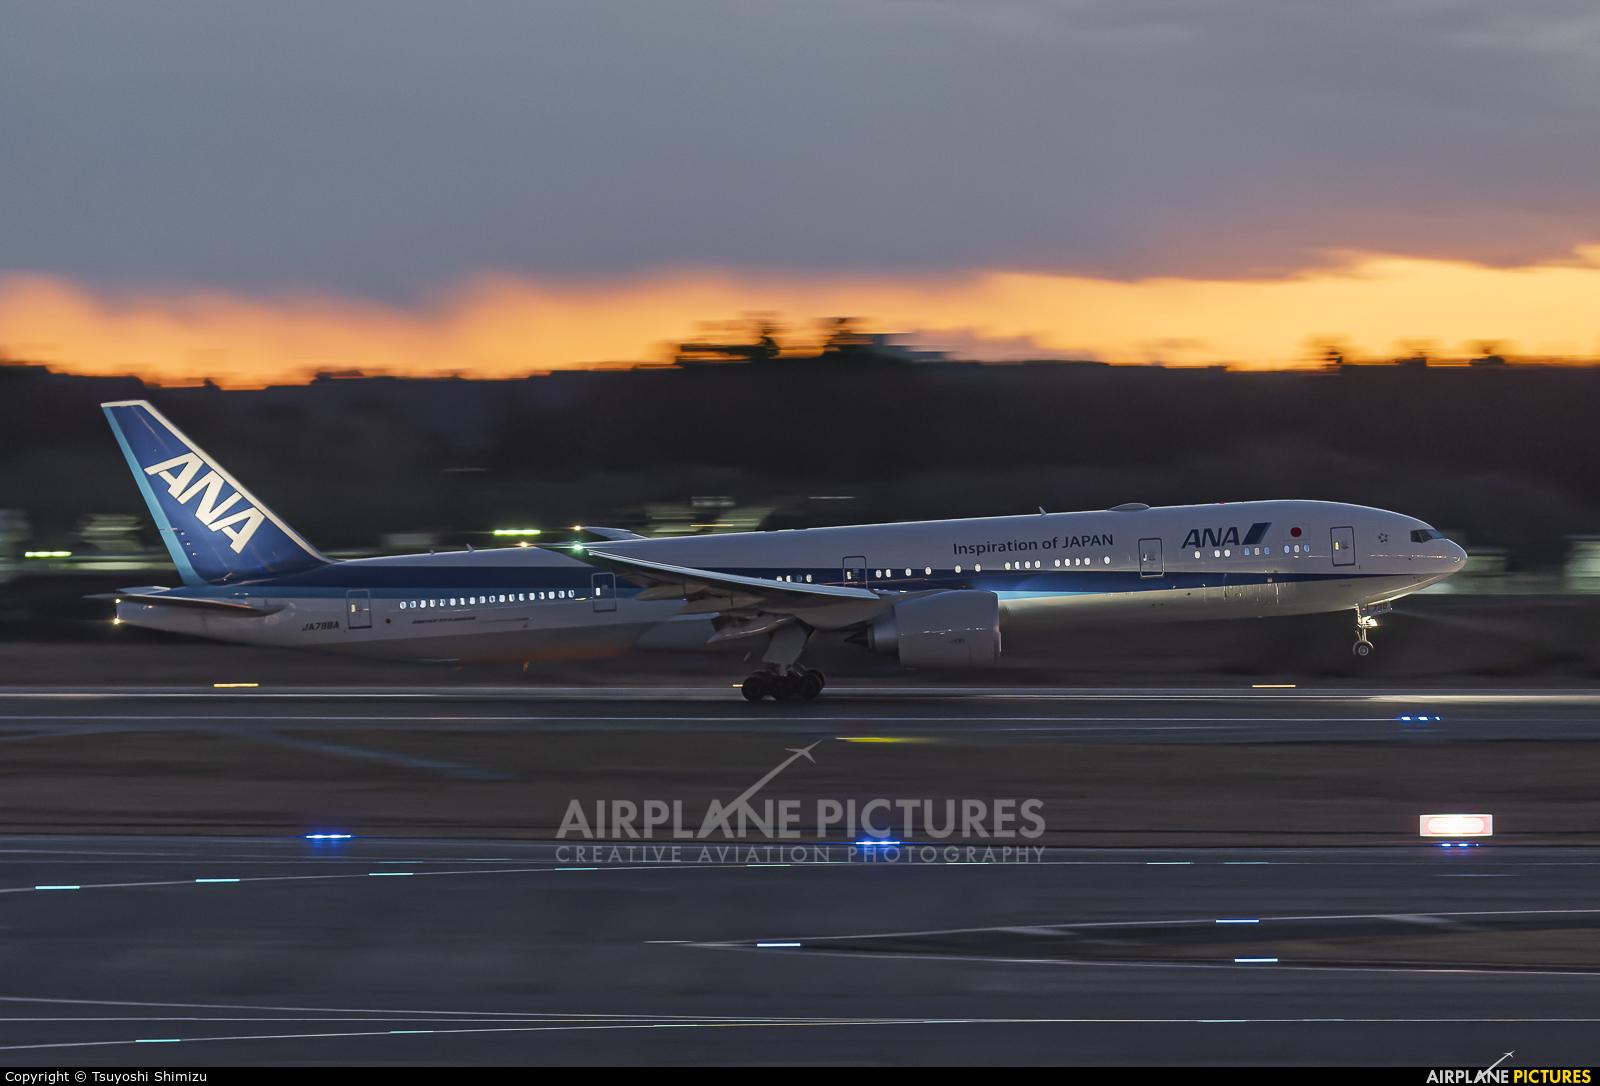 ANA - All Nippon Airways JA798A aircraft at Tokyo - Narita Intl